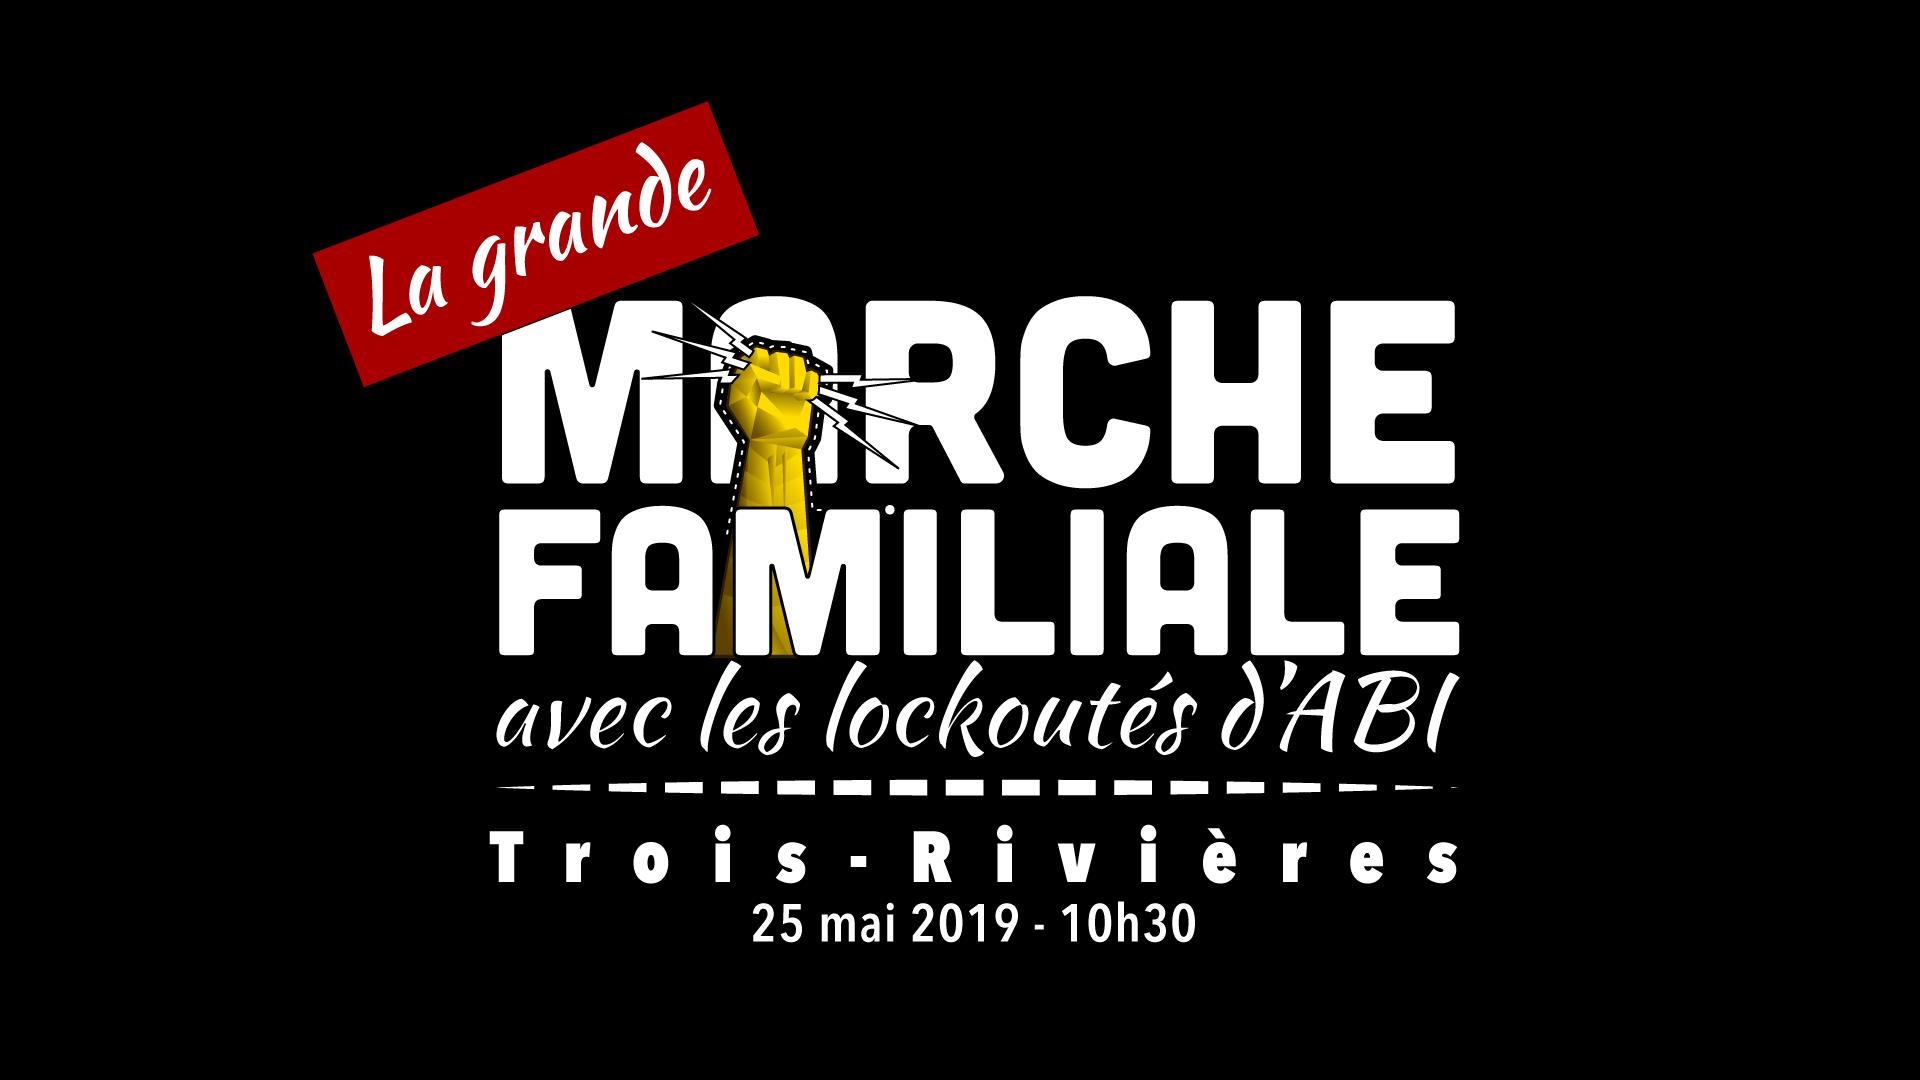 La grande marche familiale, en solidarité avec les lockoutés d'ABI